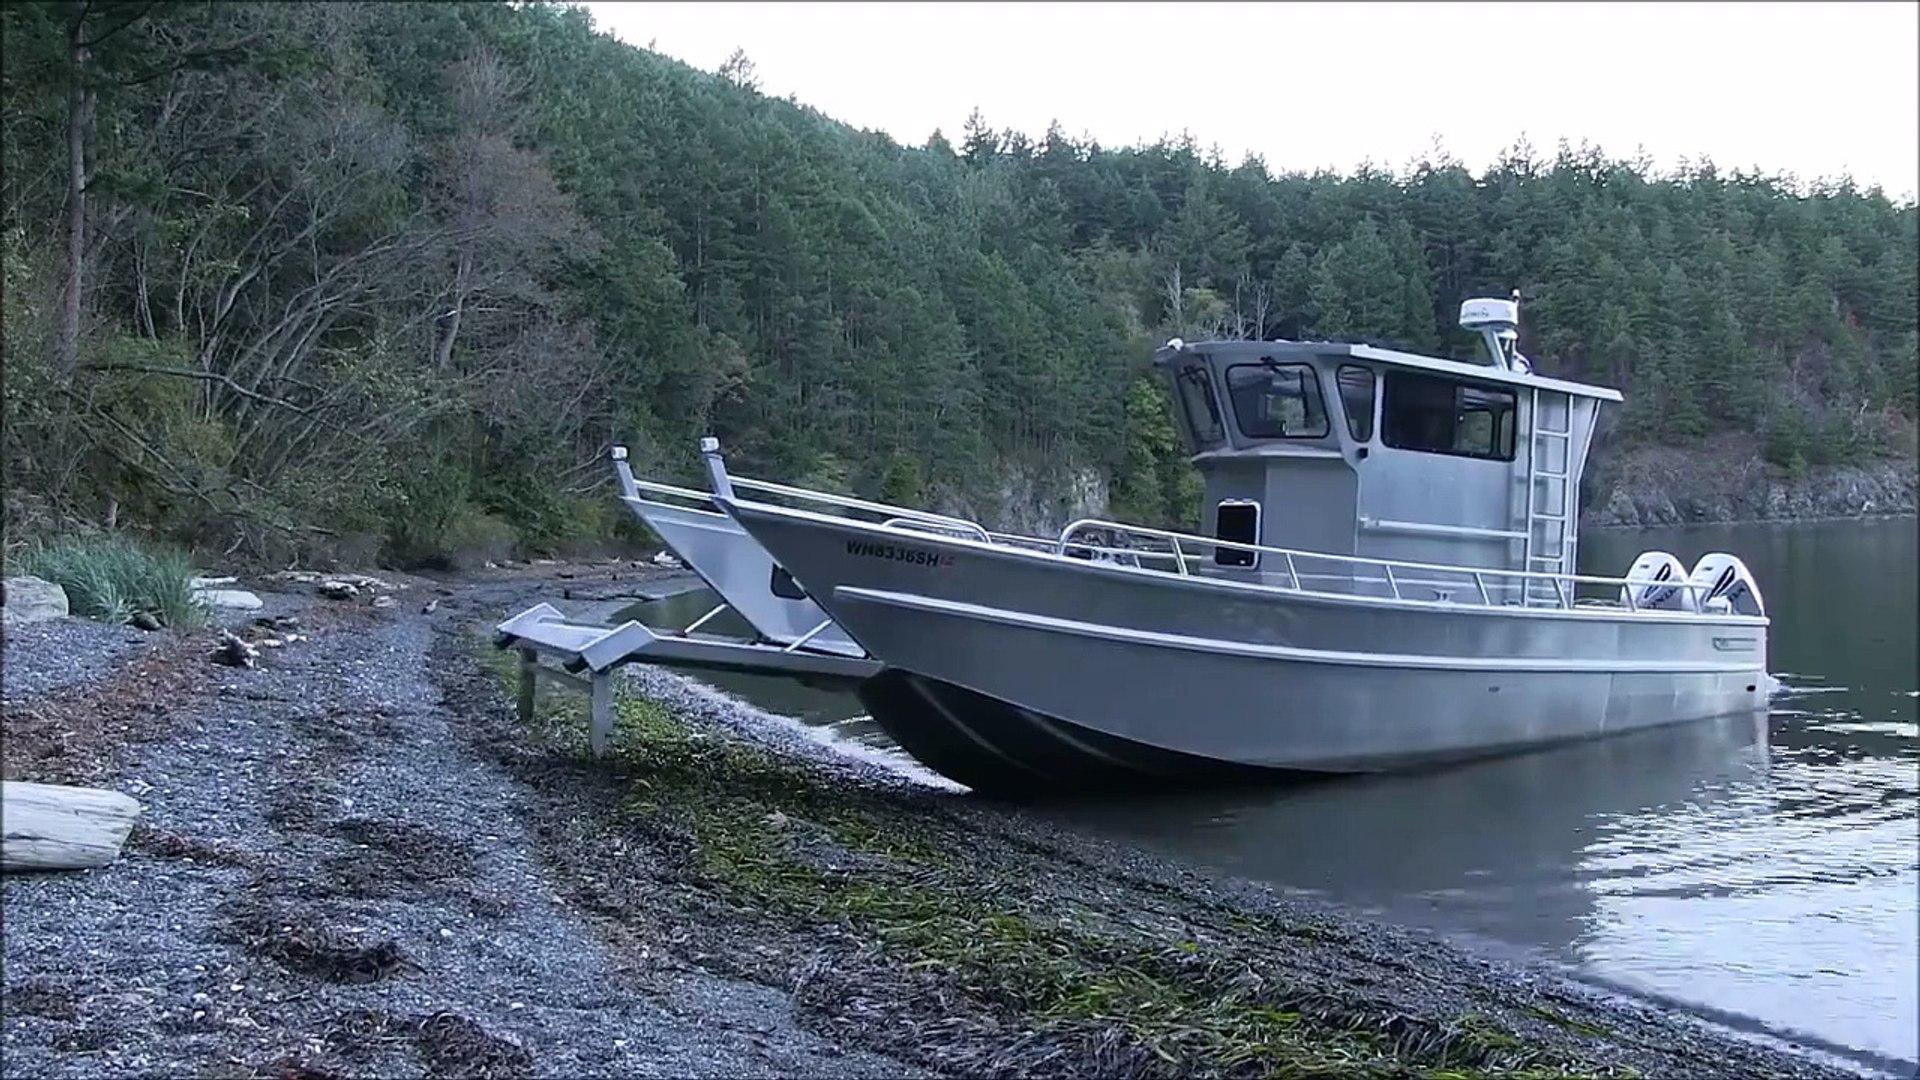 Boat Technology